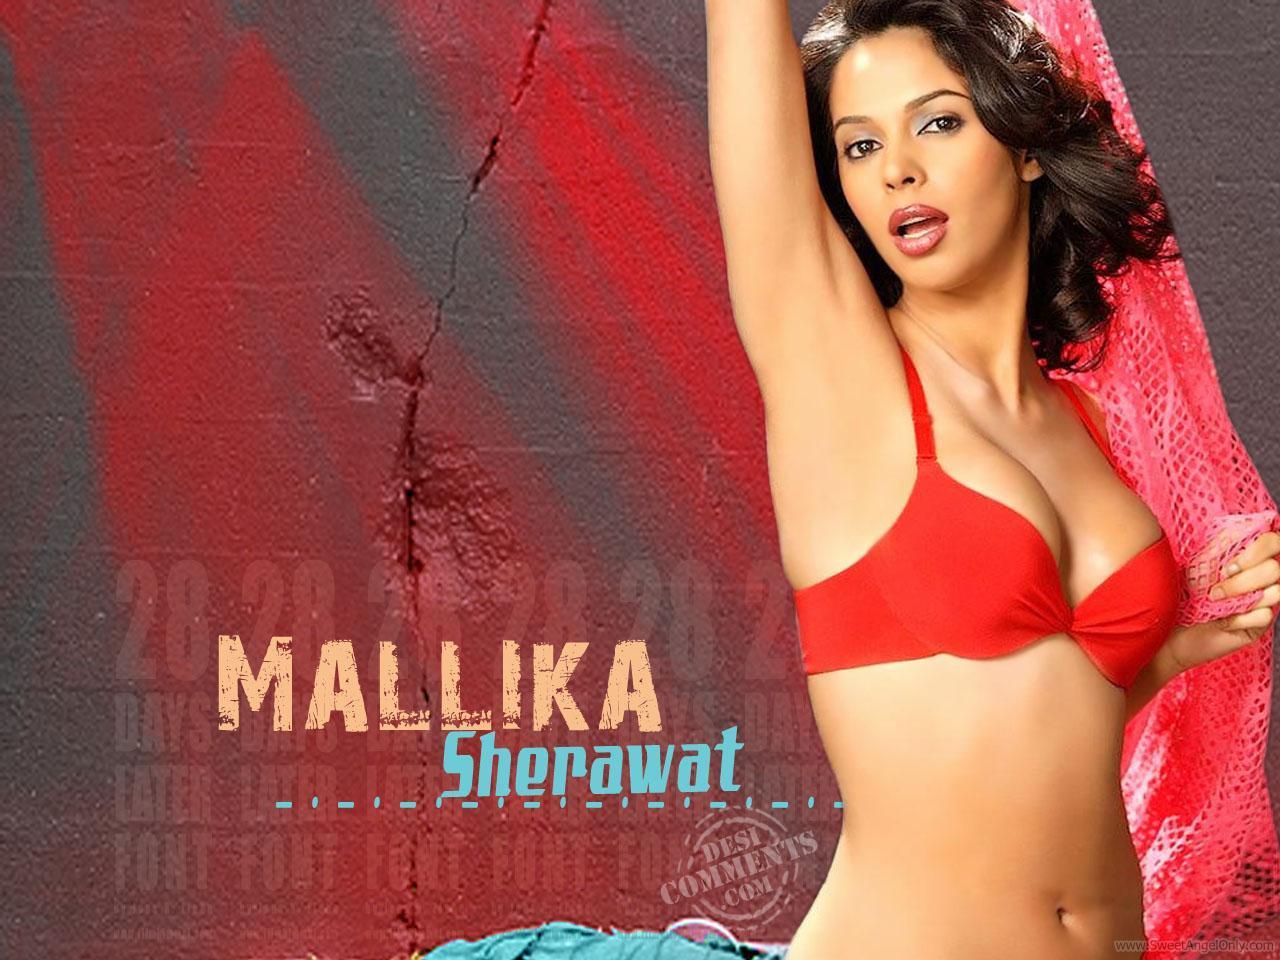 http://4.bp.blogspot.com/-zz-nkwcuQi4/ToCatz6uubI/AAAAAAAAIyQ/kFxrENJ4bPU/s1600/mallika_sherawat_glamorous_wallpaper.jpg